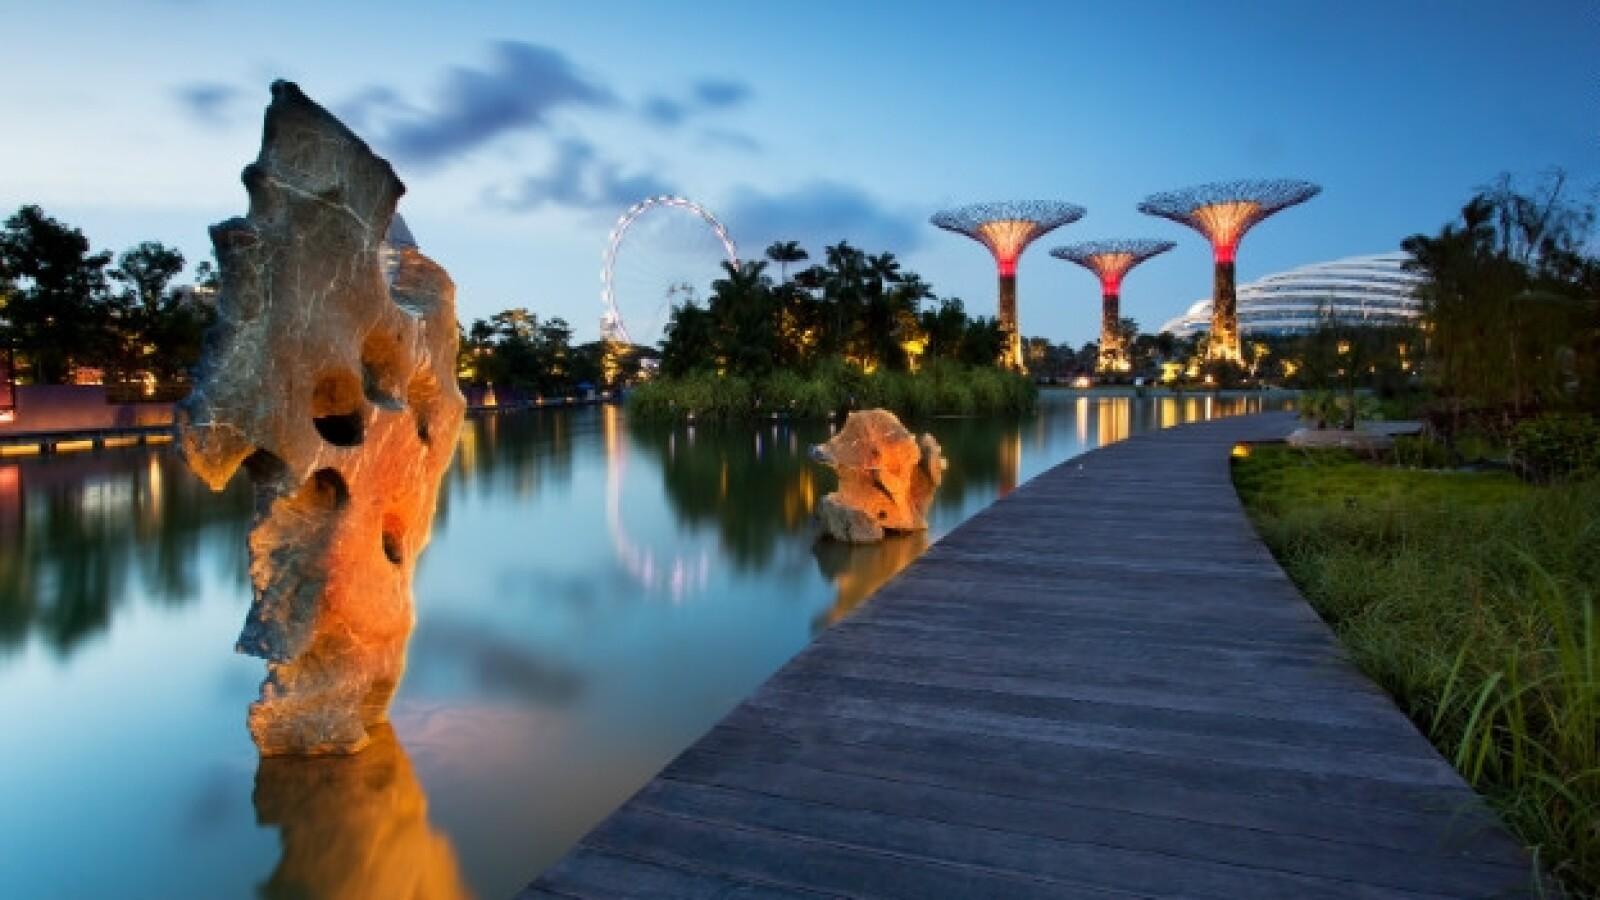 singapur super arboles 07